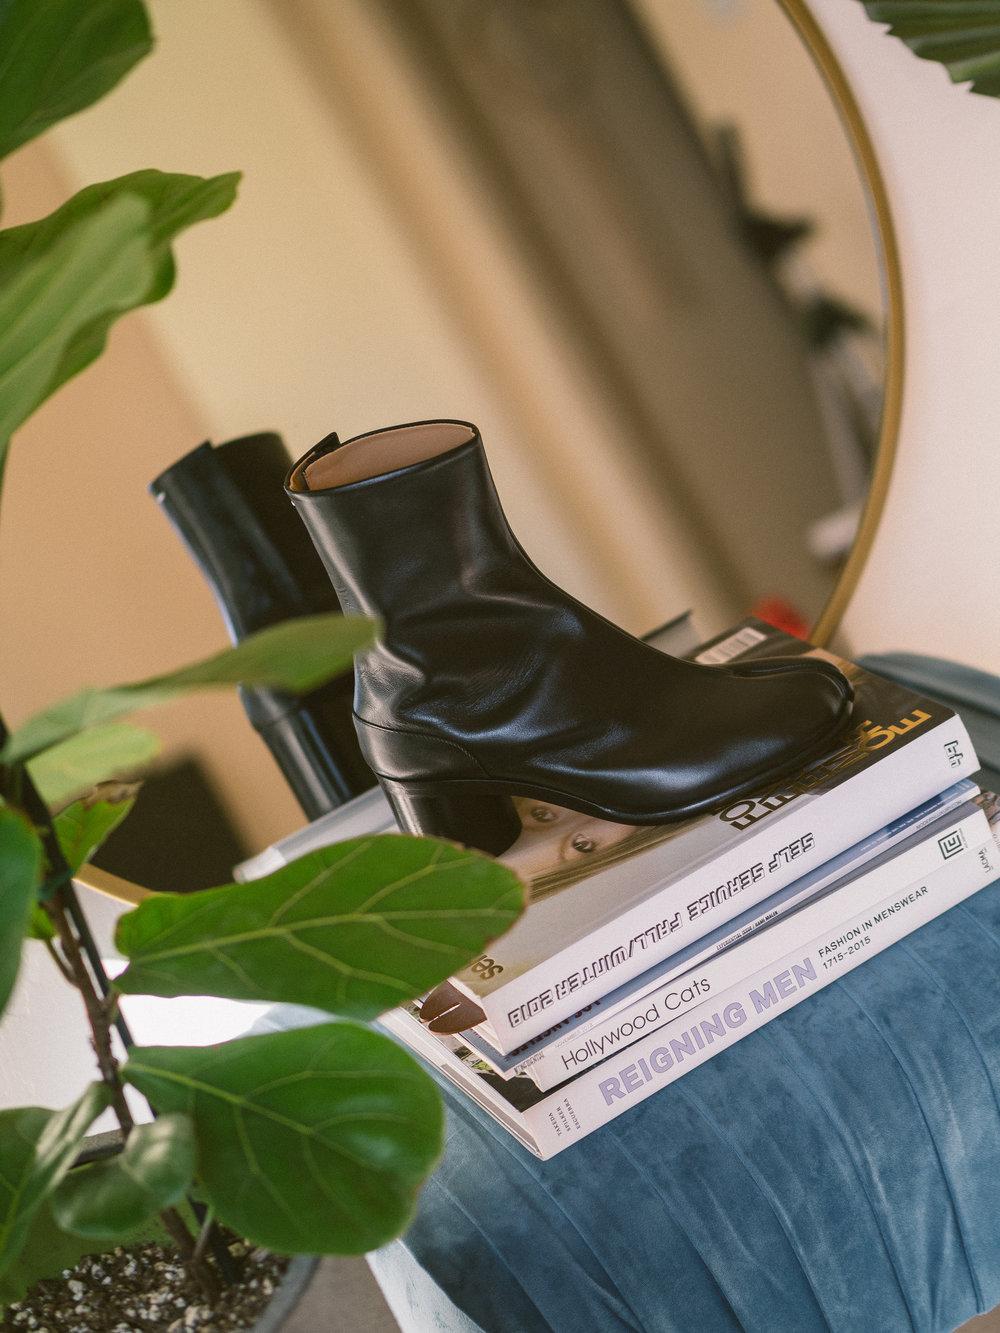 MYBELONGING-MAISON-MARGIELA-TABI-BOOTS-LUXURY-AGENDER-FOOTWEAR-MENS-WOMENS-HIGH-FASHION7.jpg